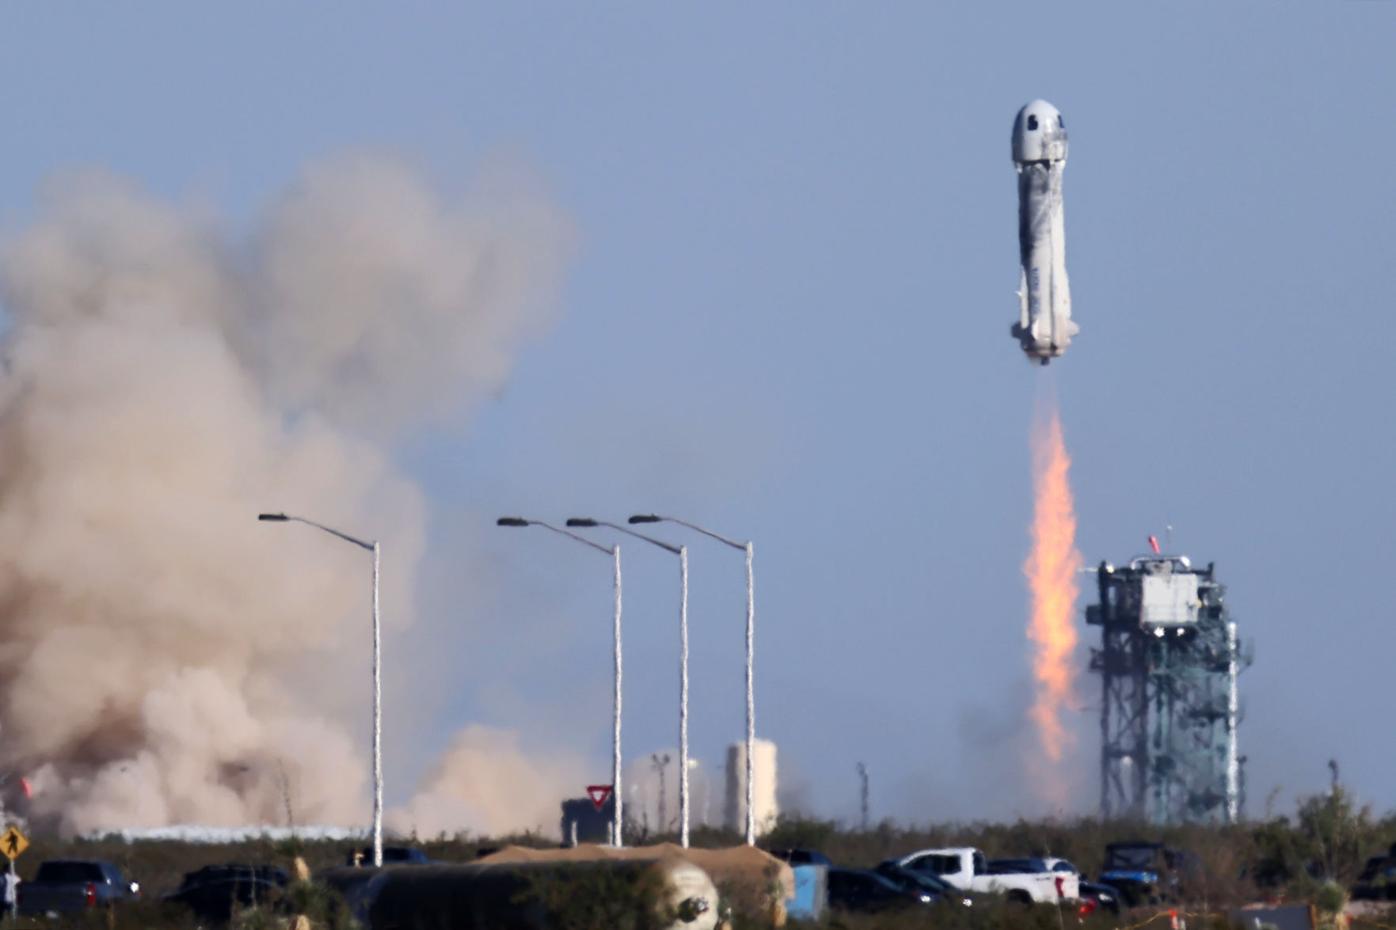 Blue Origin New Shepard rocket blasts off carrying Star Trek actor William Shatner on suborbital flight